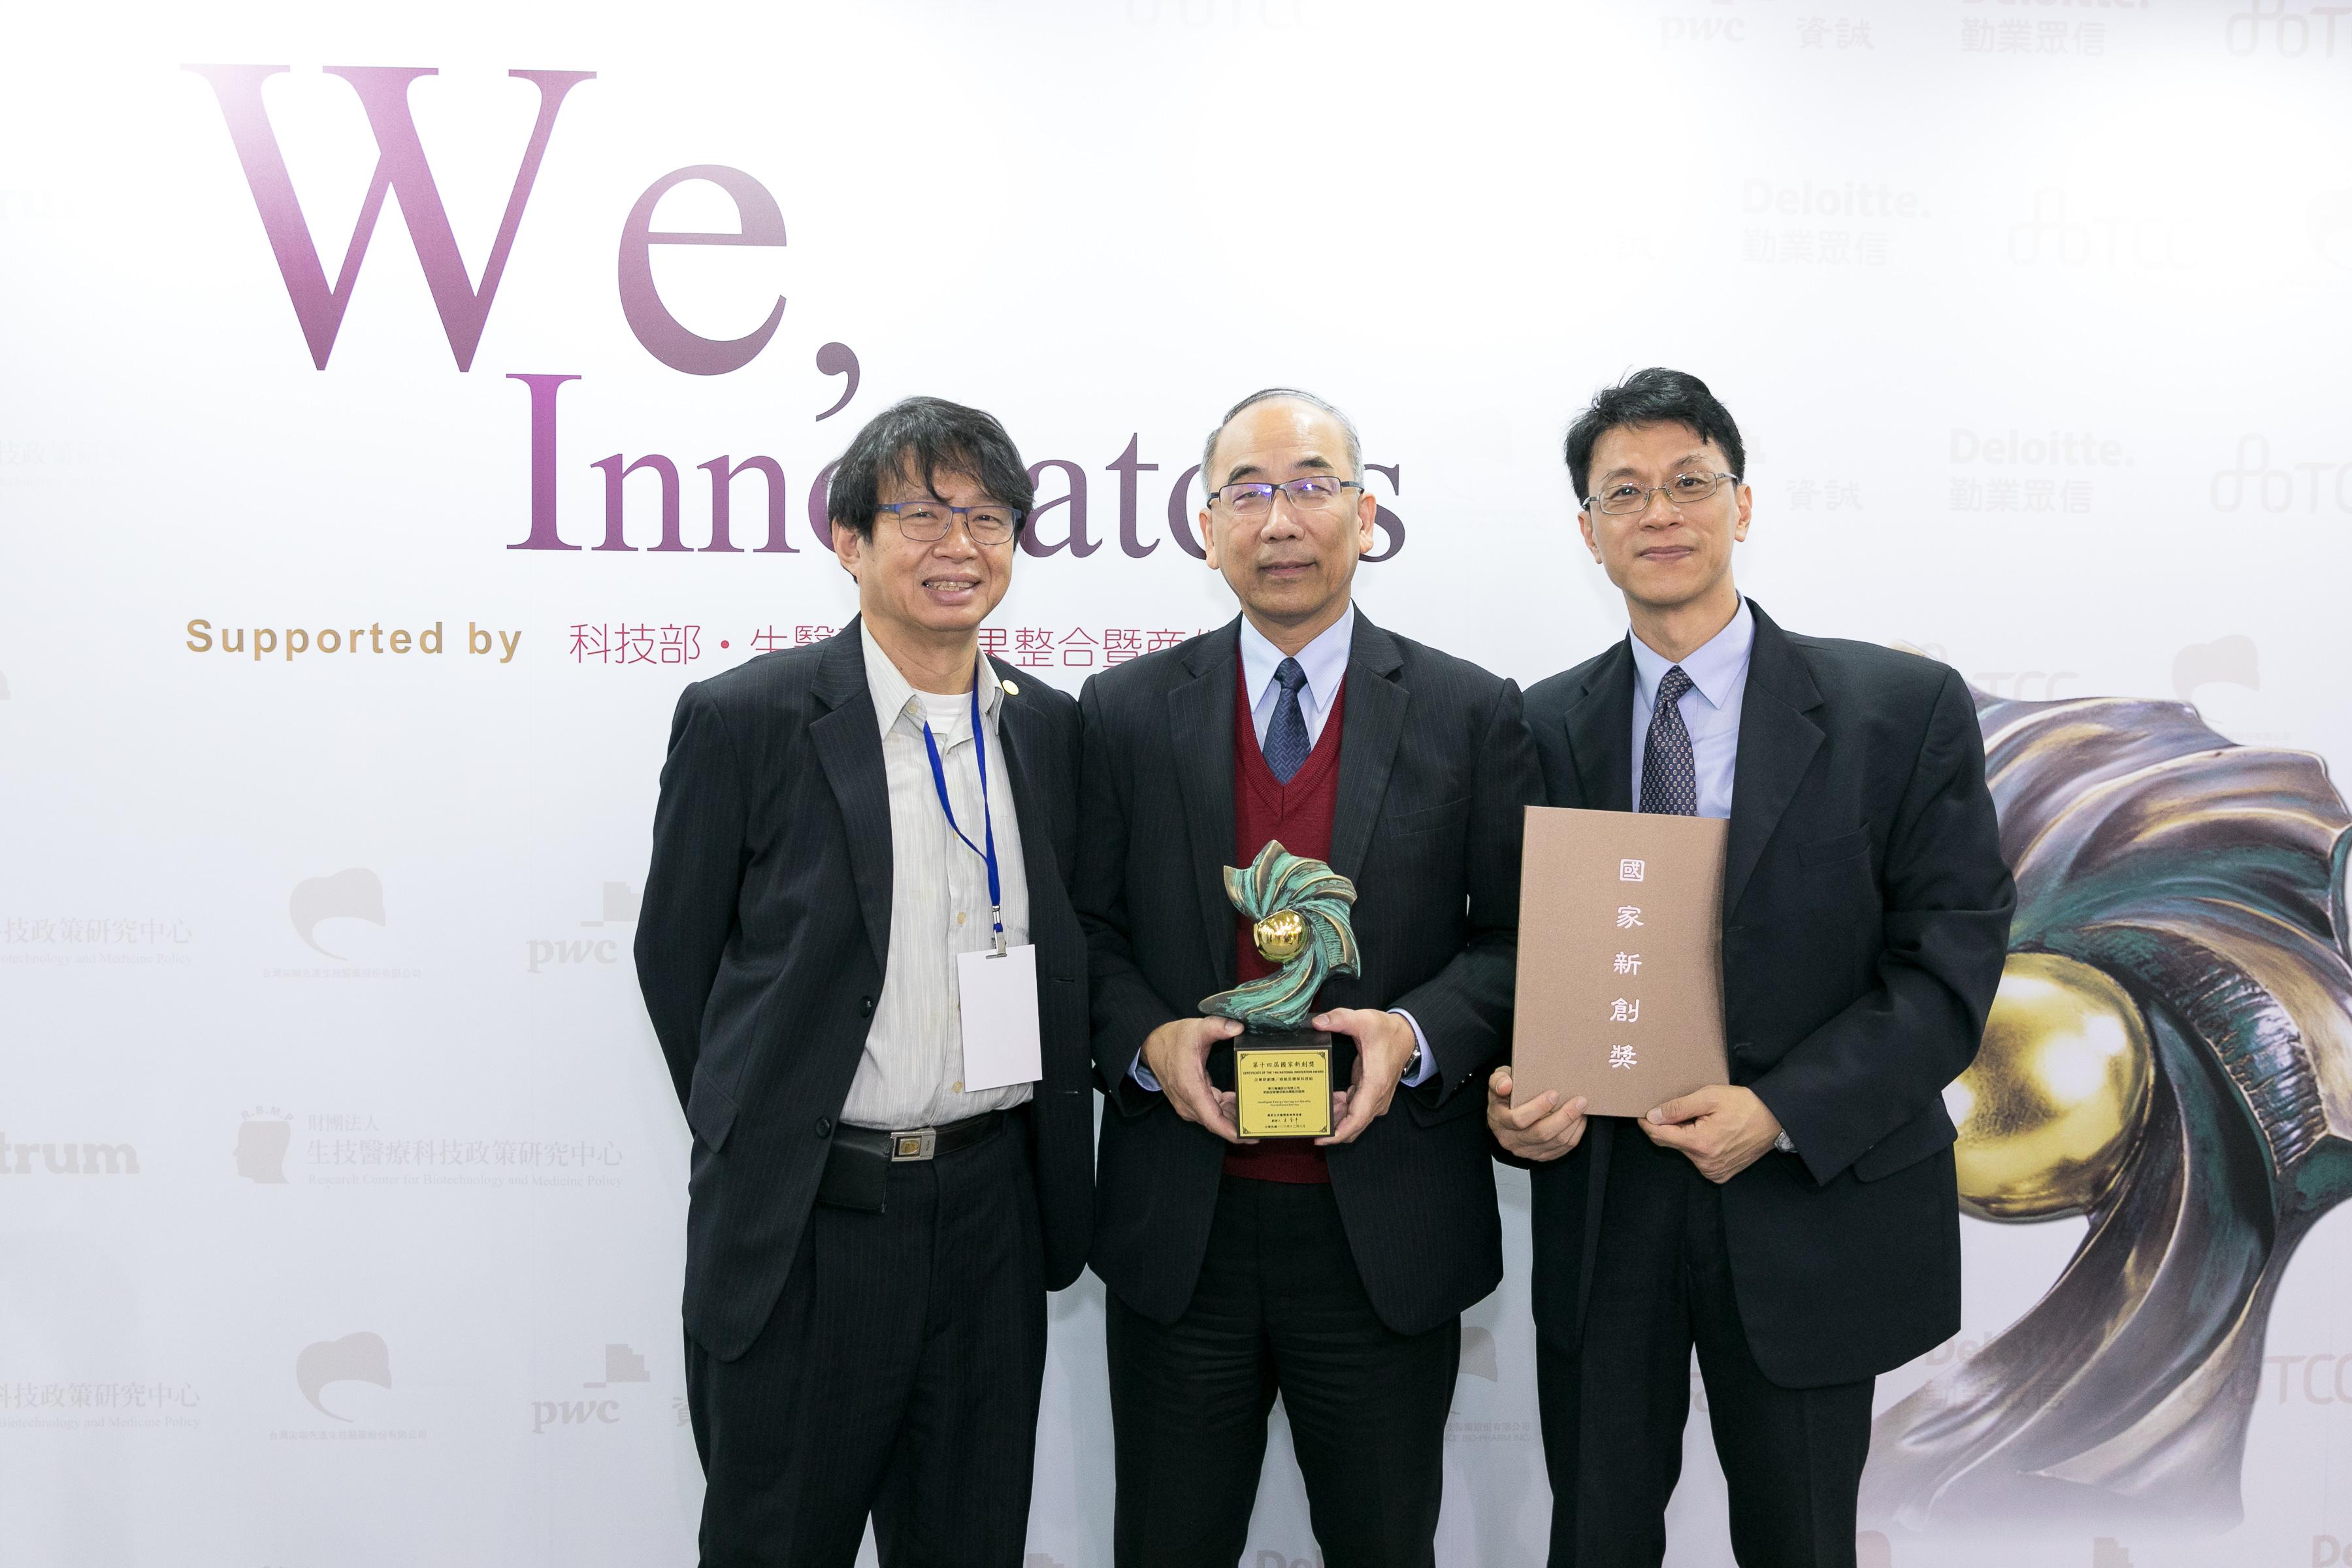 提供醫療機構空氣品質最佳化 東元電機獲國家新創獎